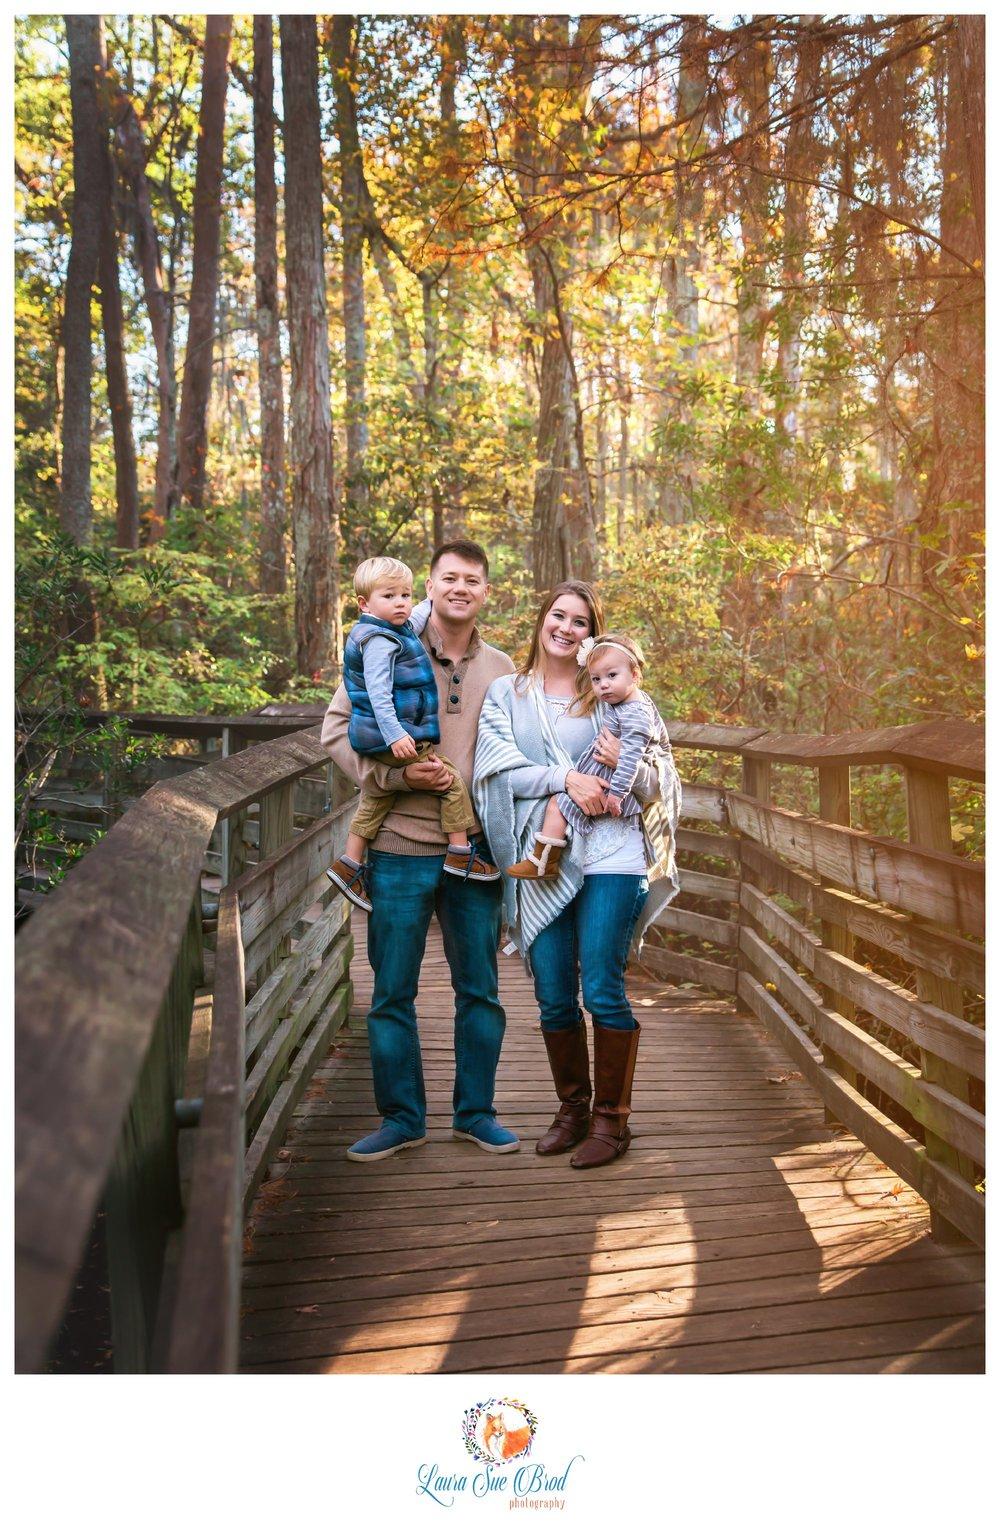 FallfamilysessionNorfolk- LauraSueBrodPhotography.jpg